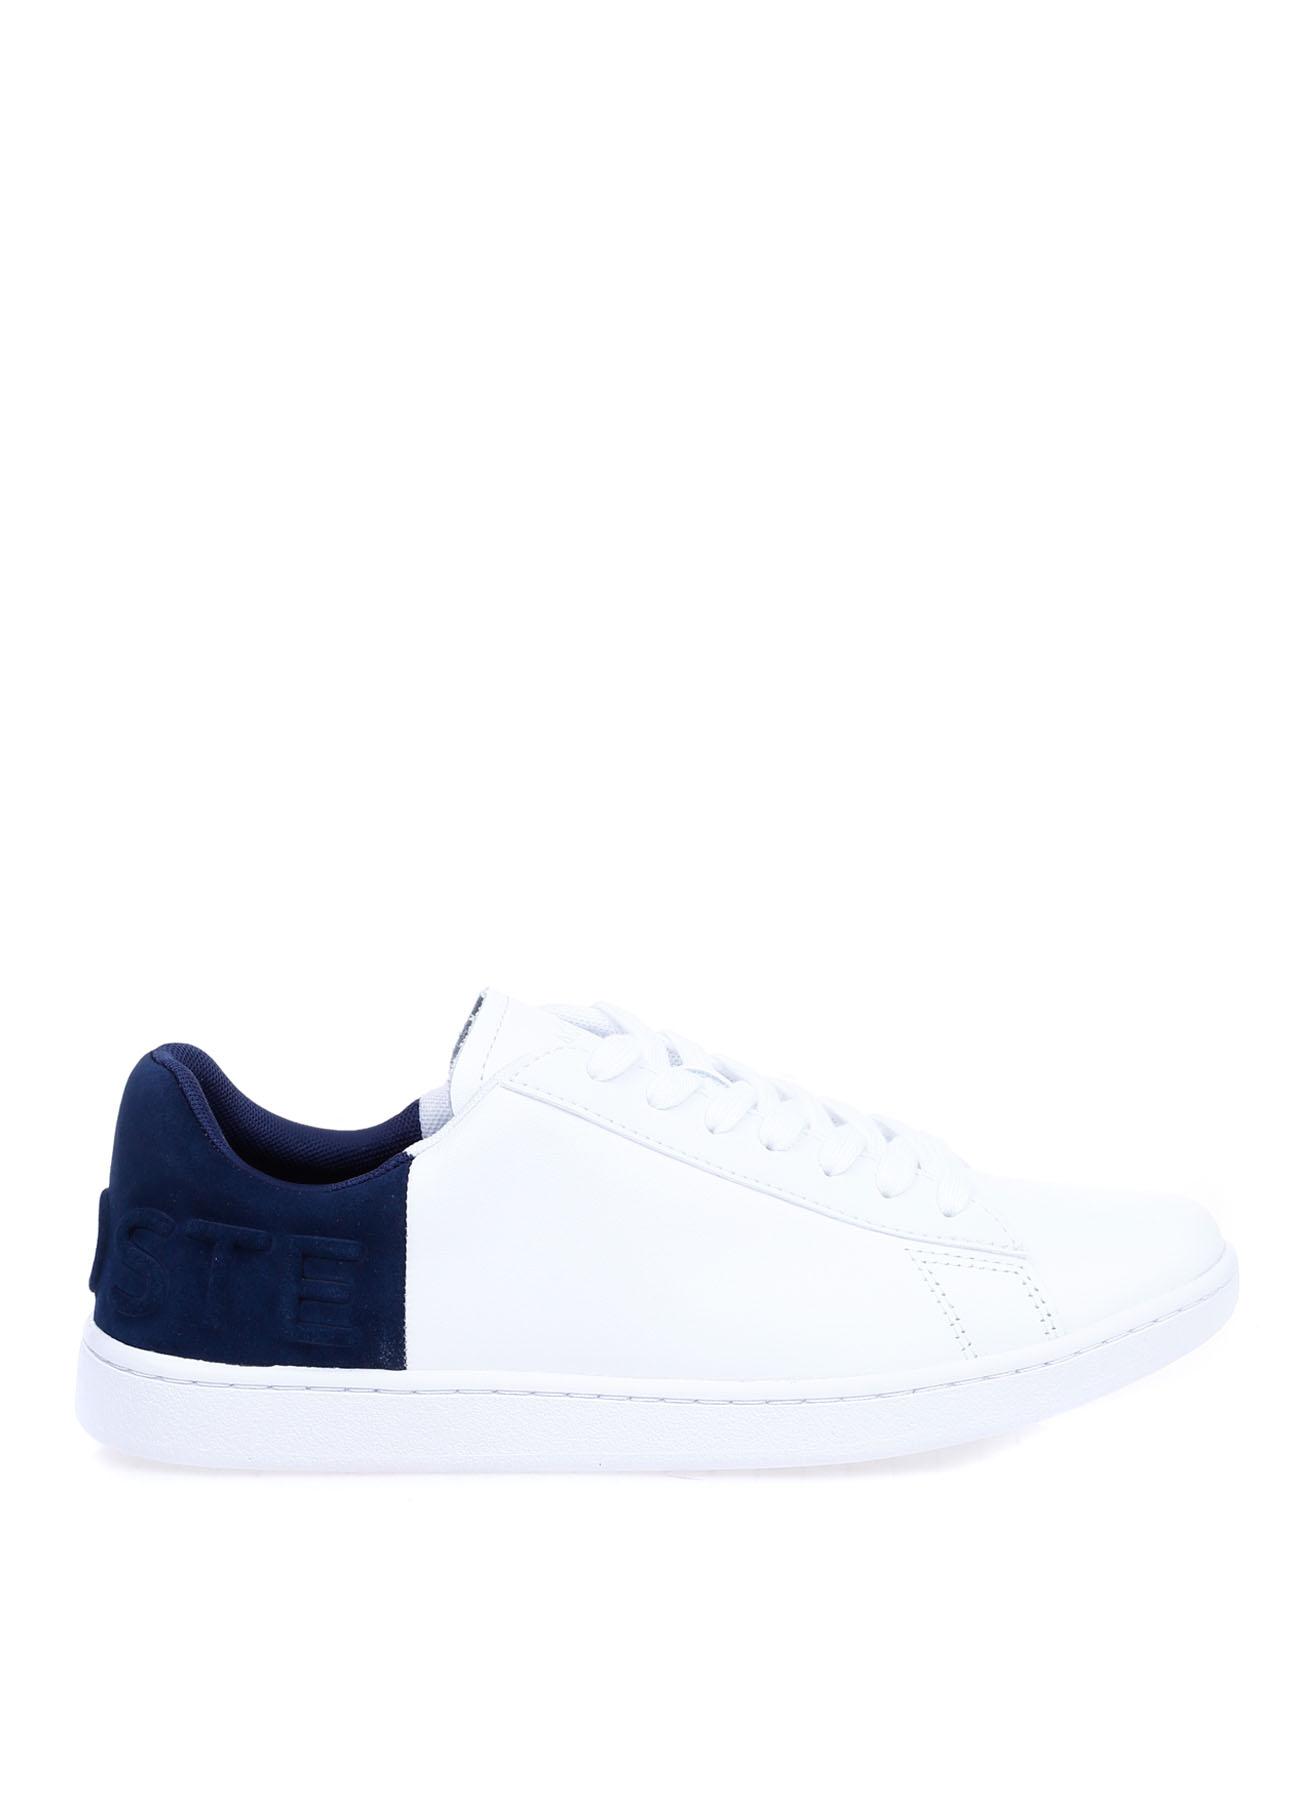 Lacoste Kadın Deri Beyaz-Lacivert Sneaker 39 5002312558004 Ürün Resmi